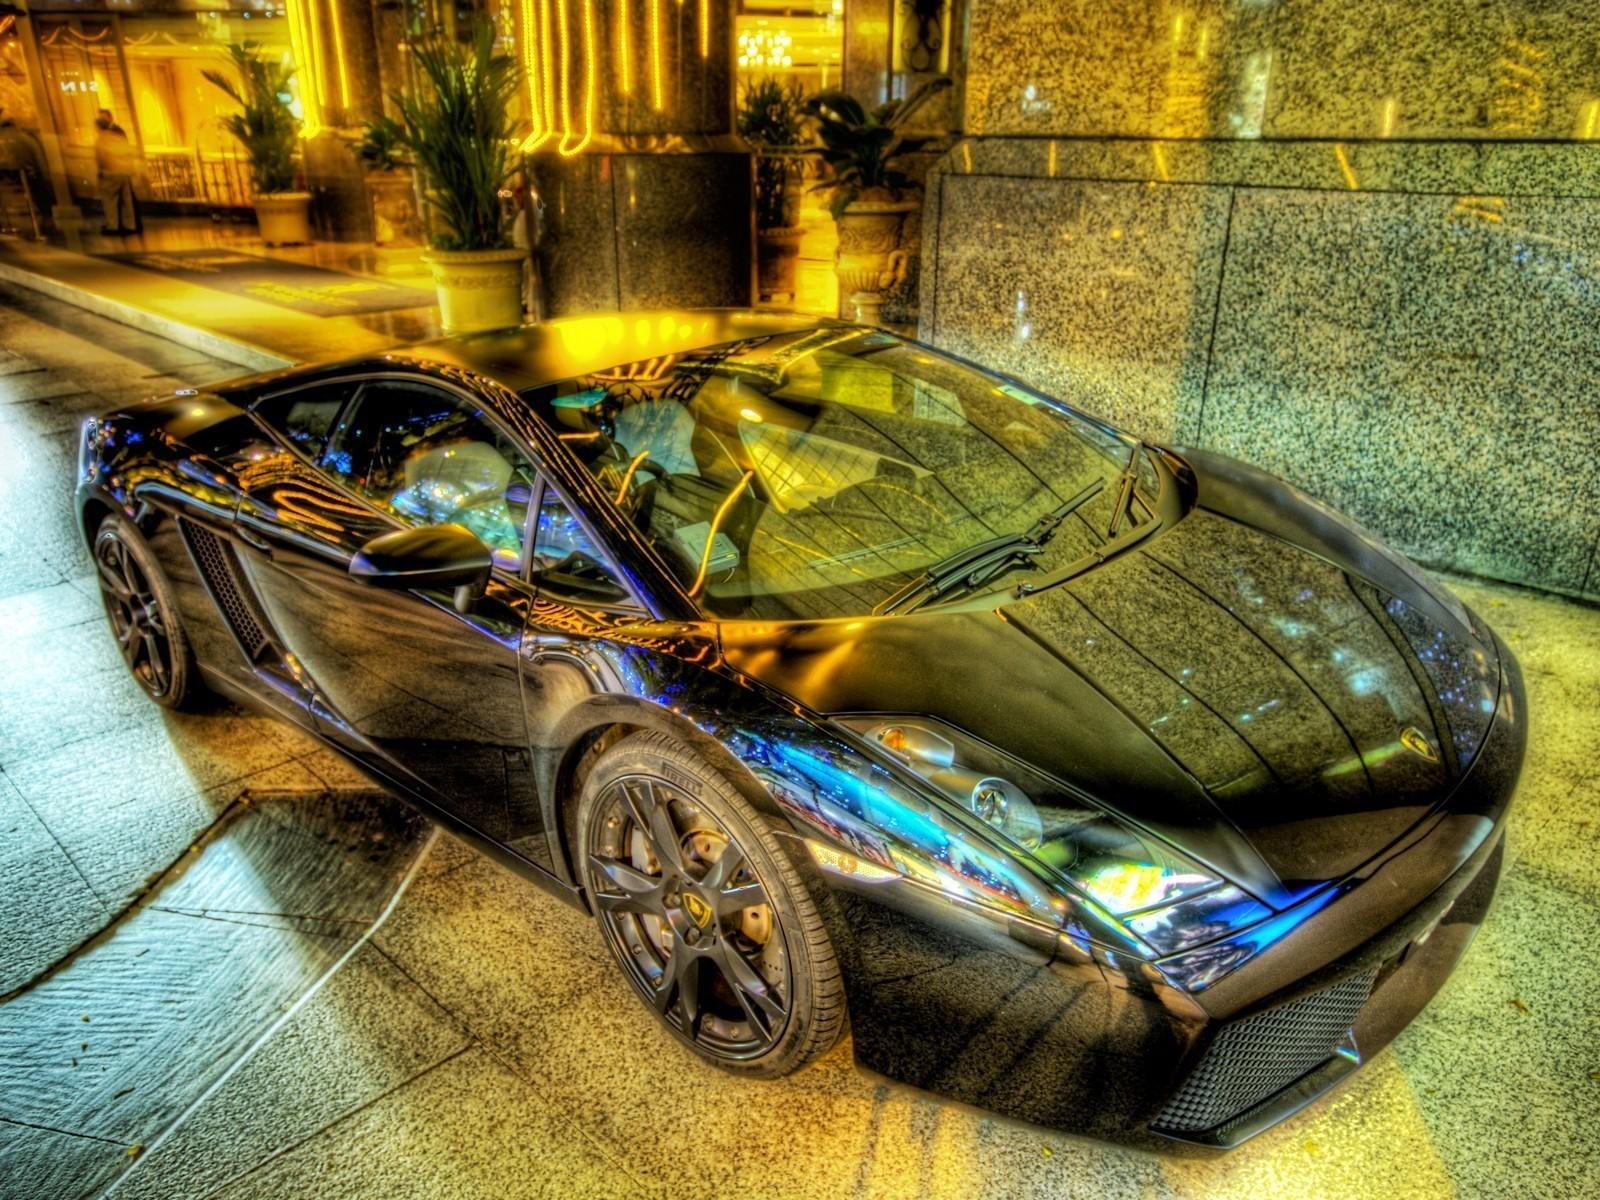 1625 скачать обои Транспорт, Машины, Ламборджини (Lamborghini) - заставки и картинки бесплатно